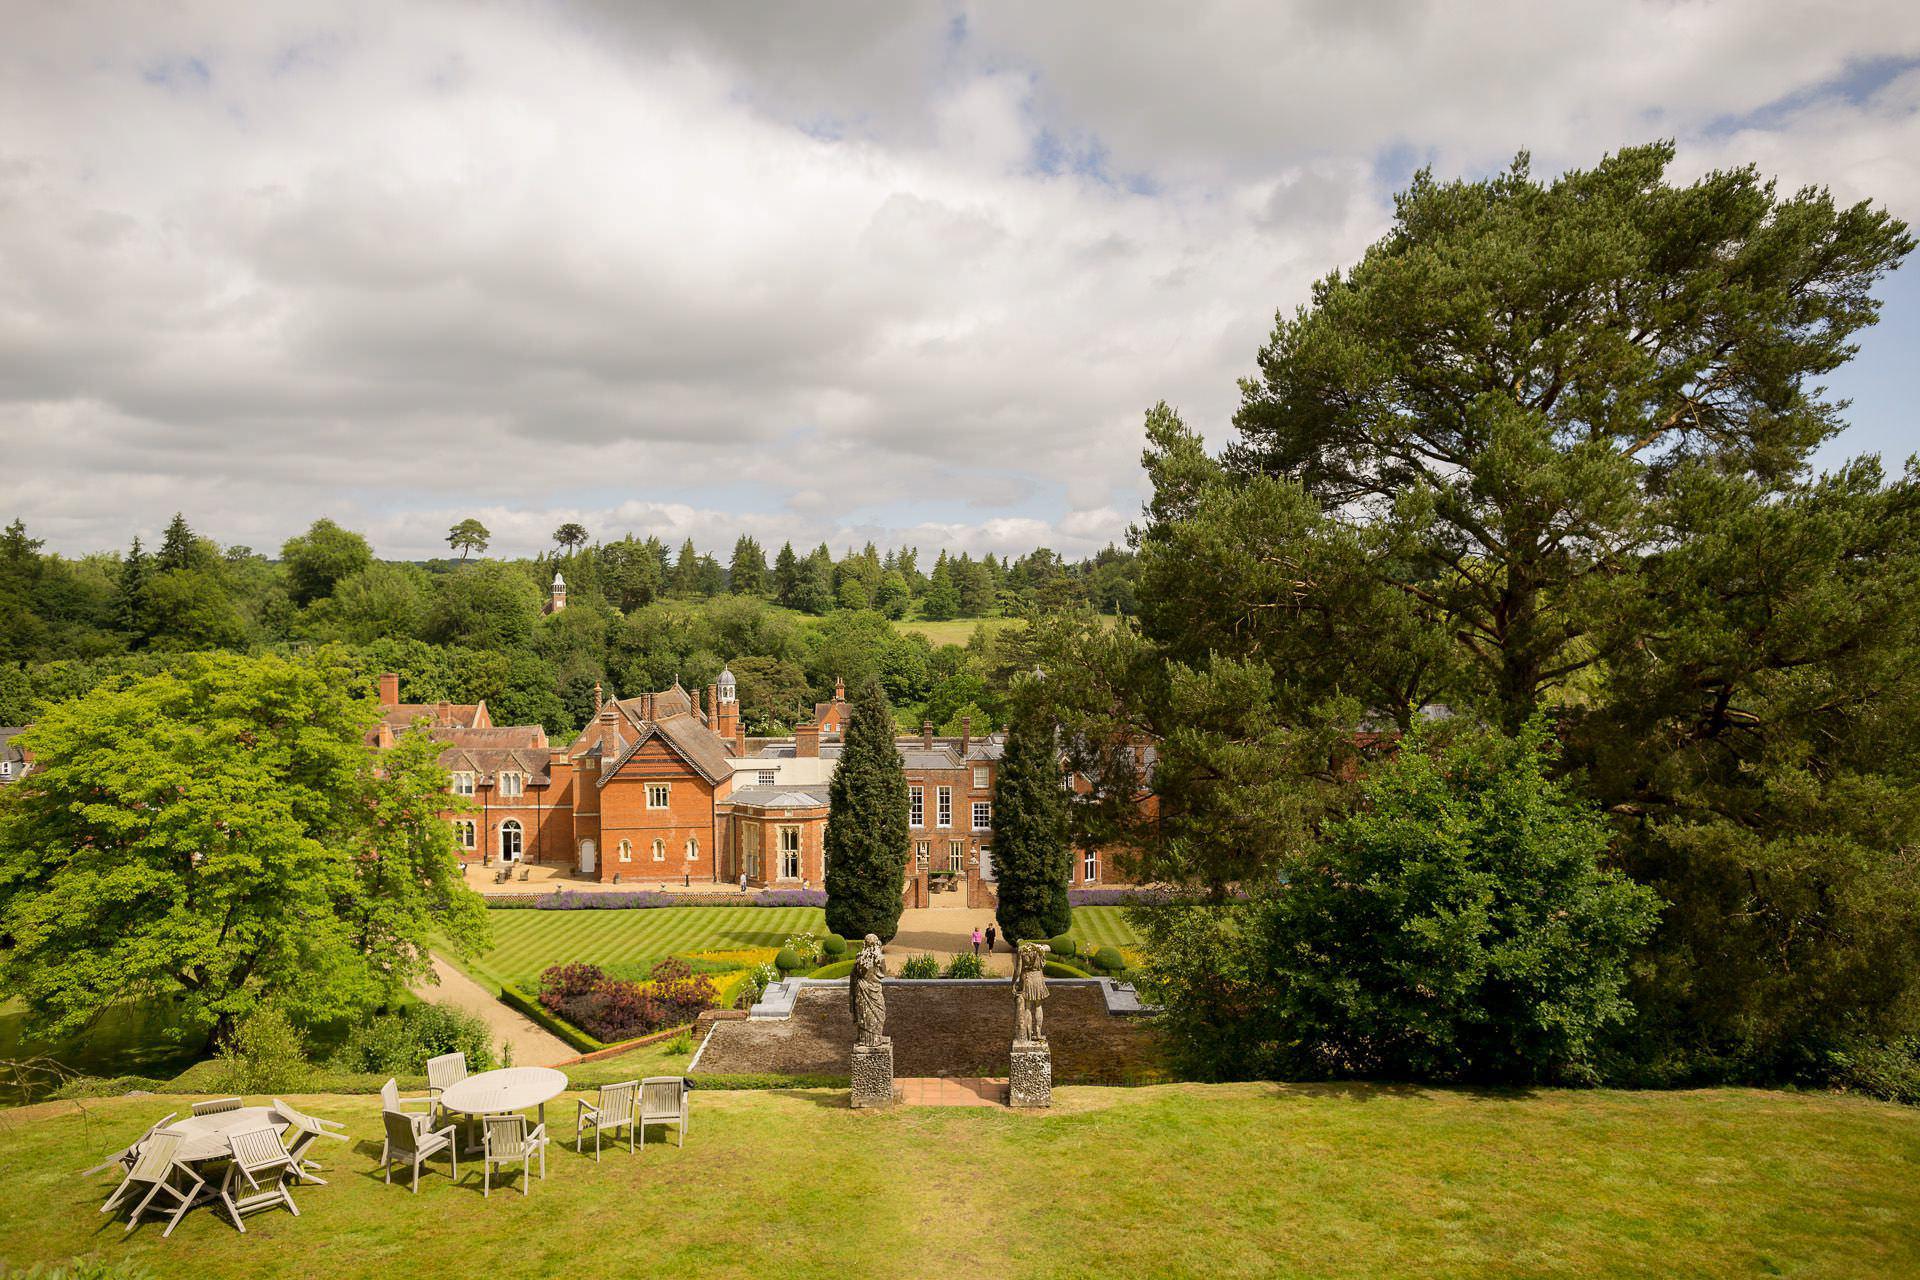 Wotton House wedding venue panorama